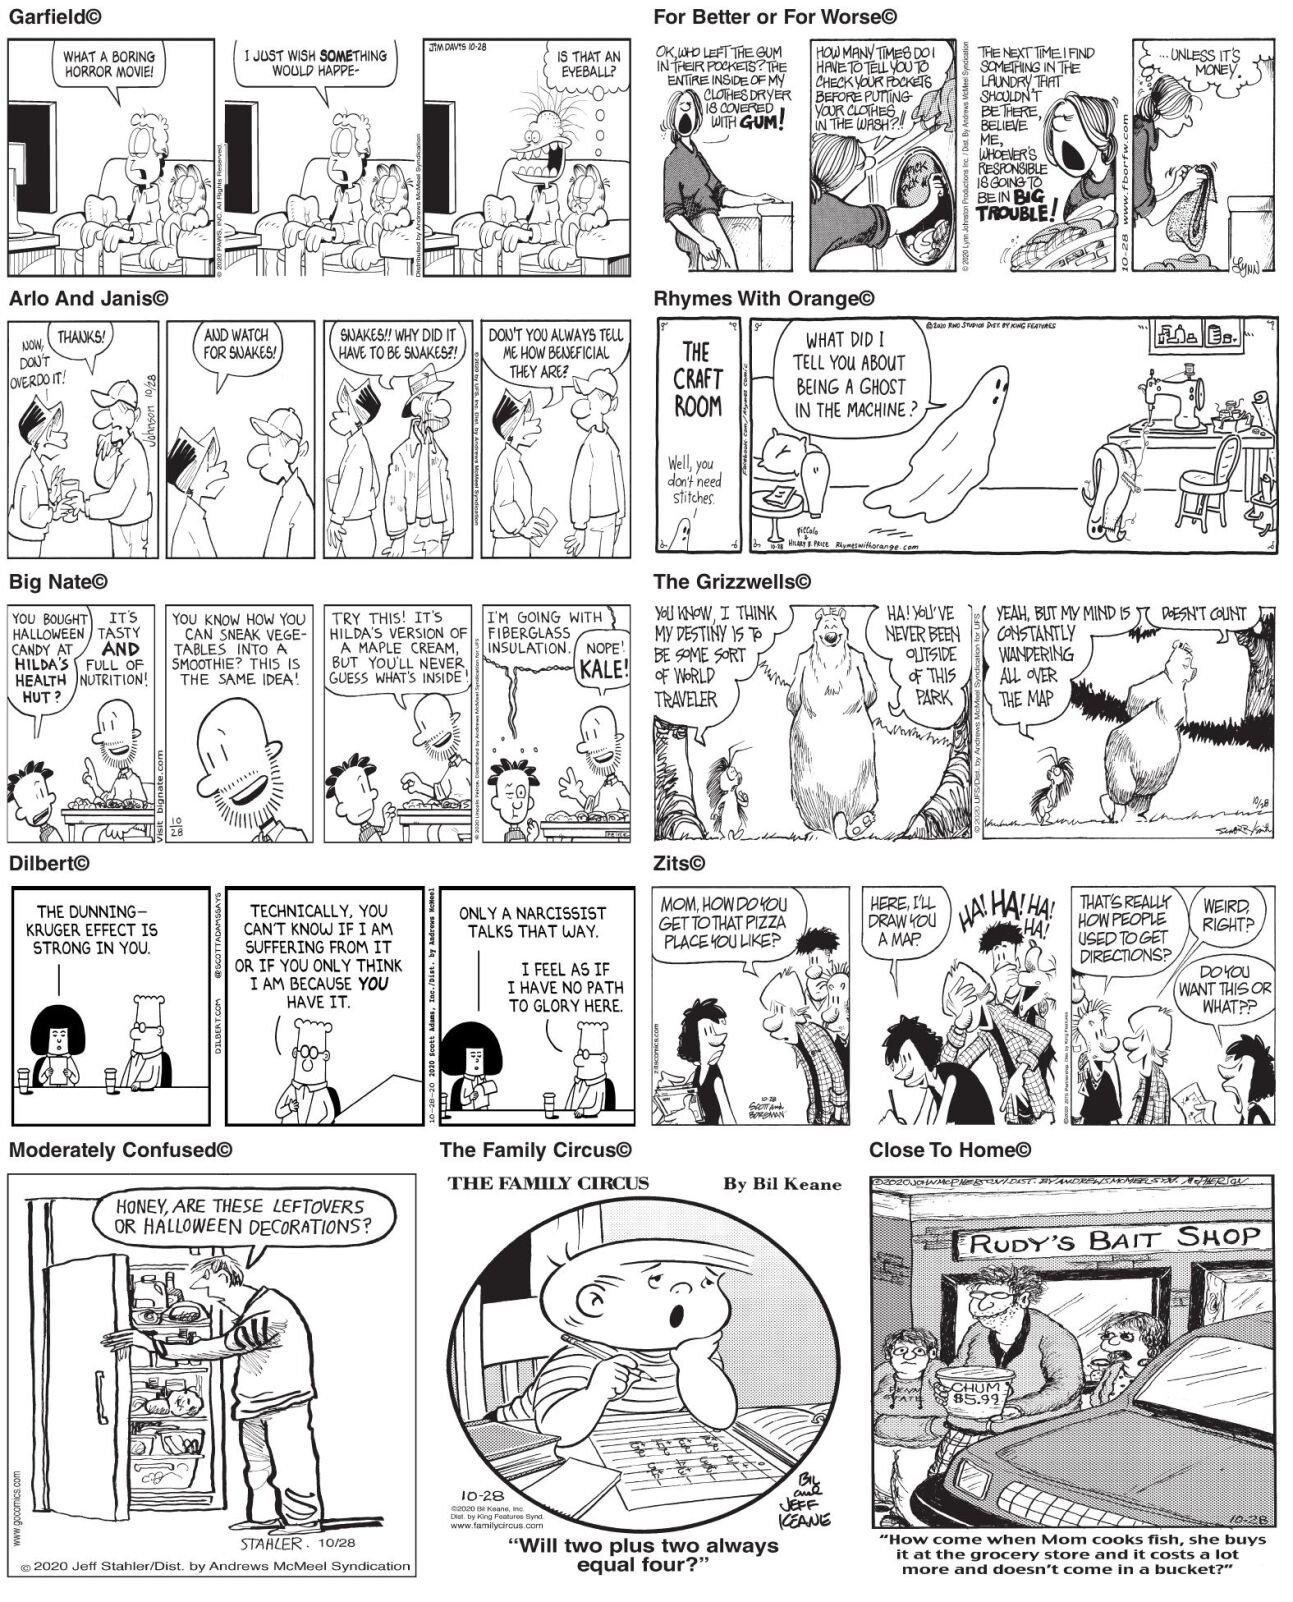 1028 comics